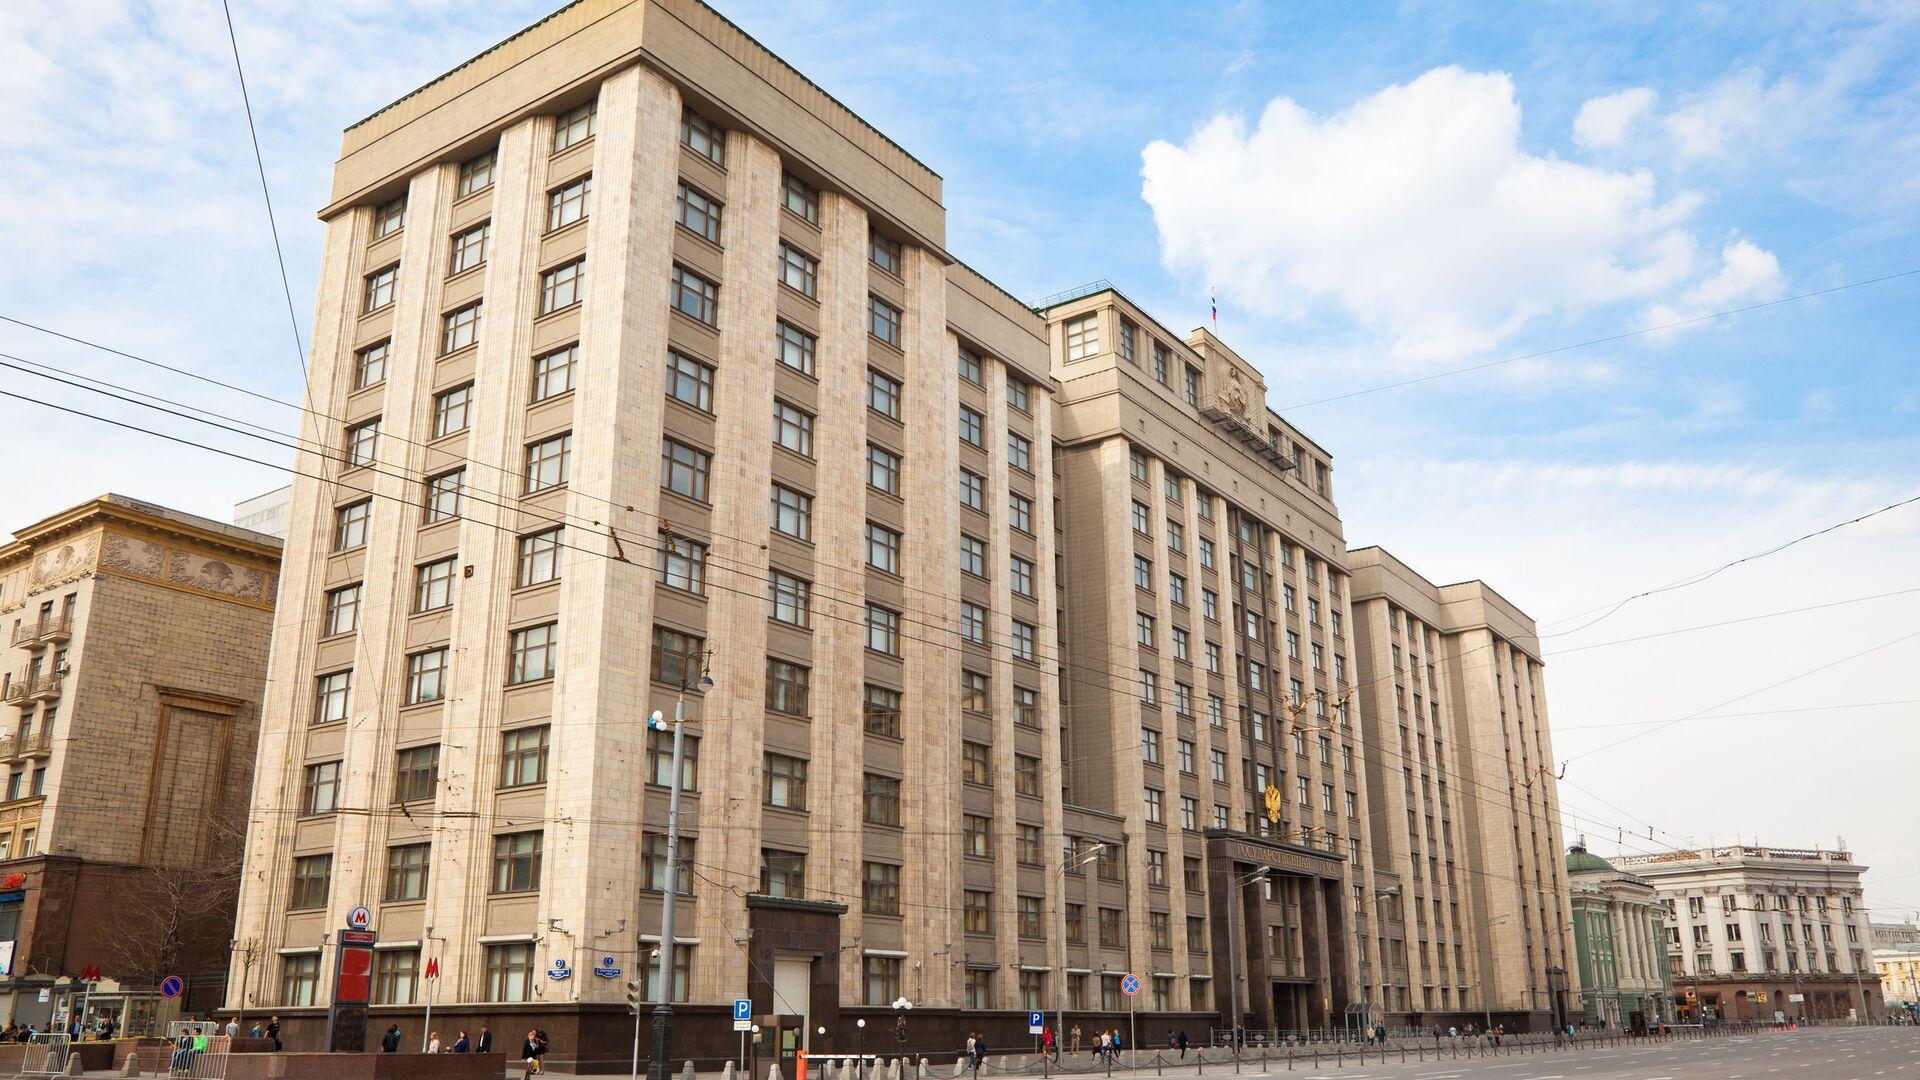 Budova Státní dumy Ruské federace. - Sputnik Česká republika, 1920, 01.06.2021